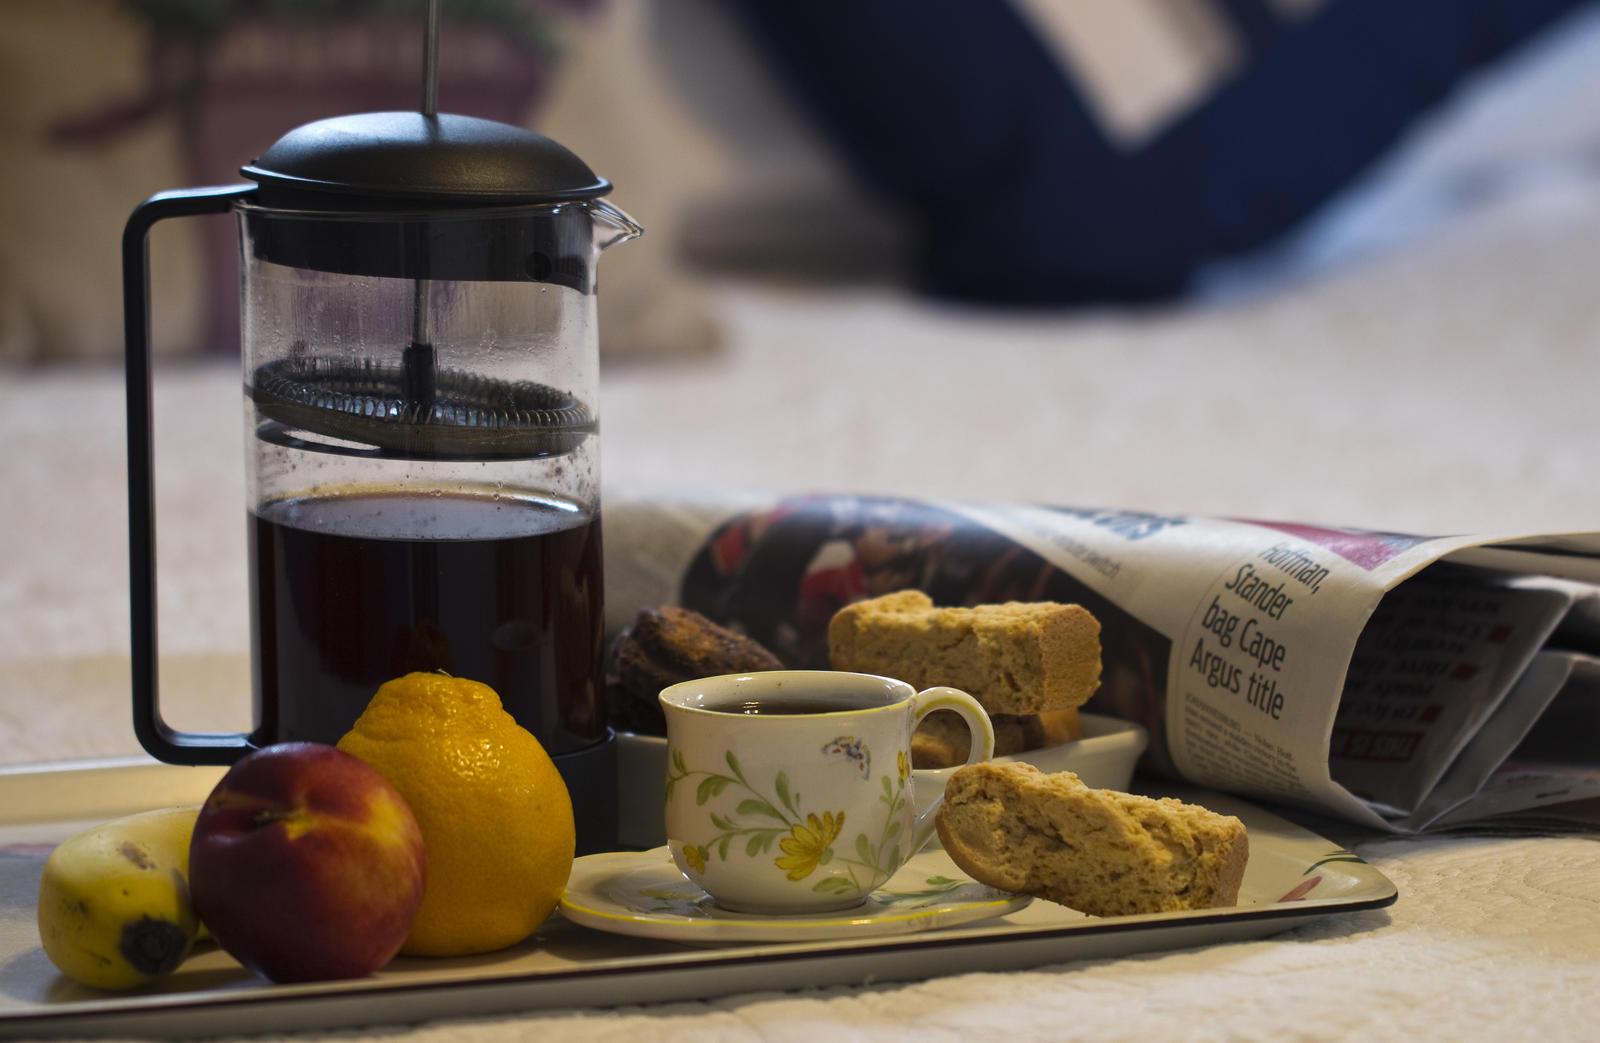 Jean-Lee Bed & Breakfast